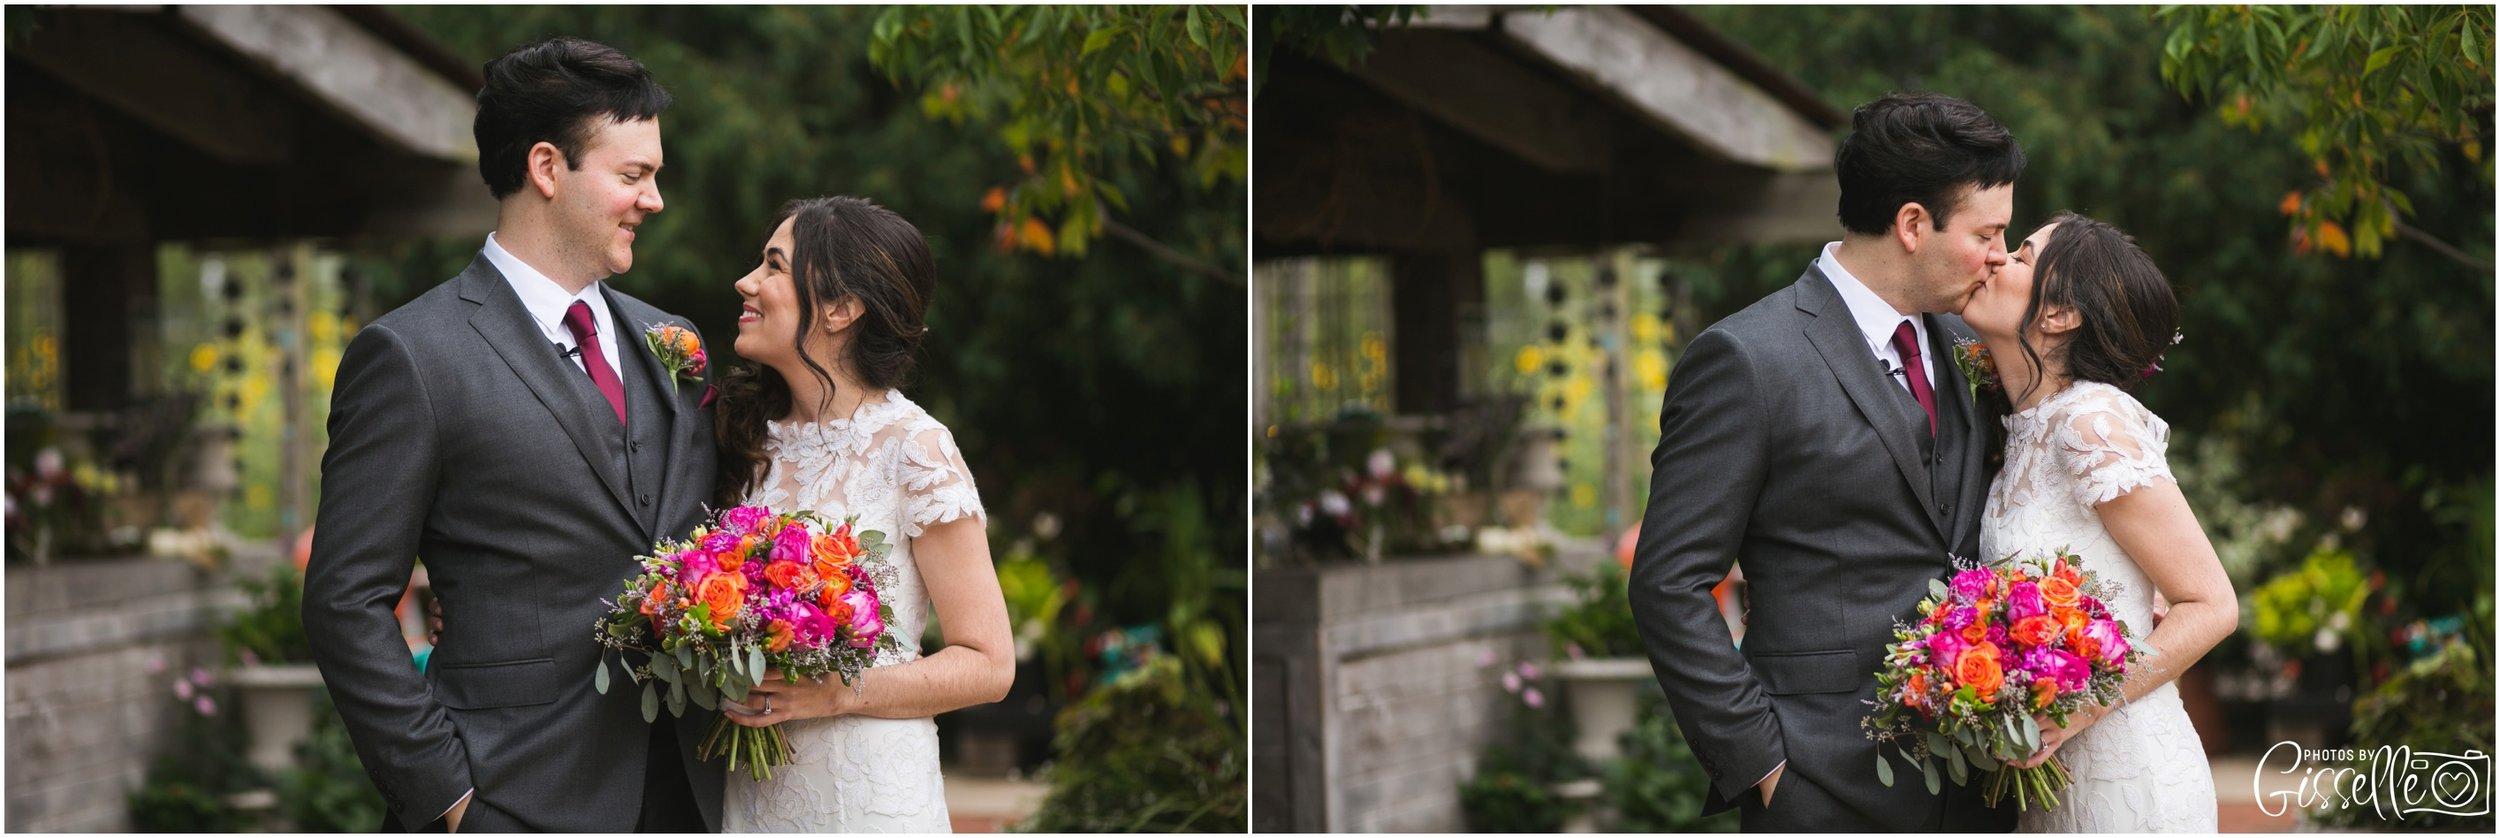 Blumen Gardens Wedding Photos_0003.jpg